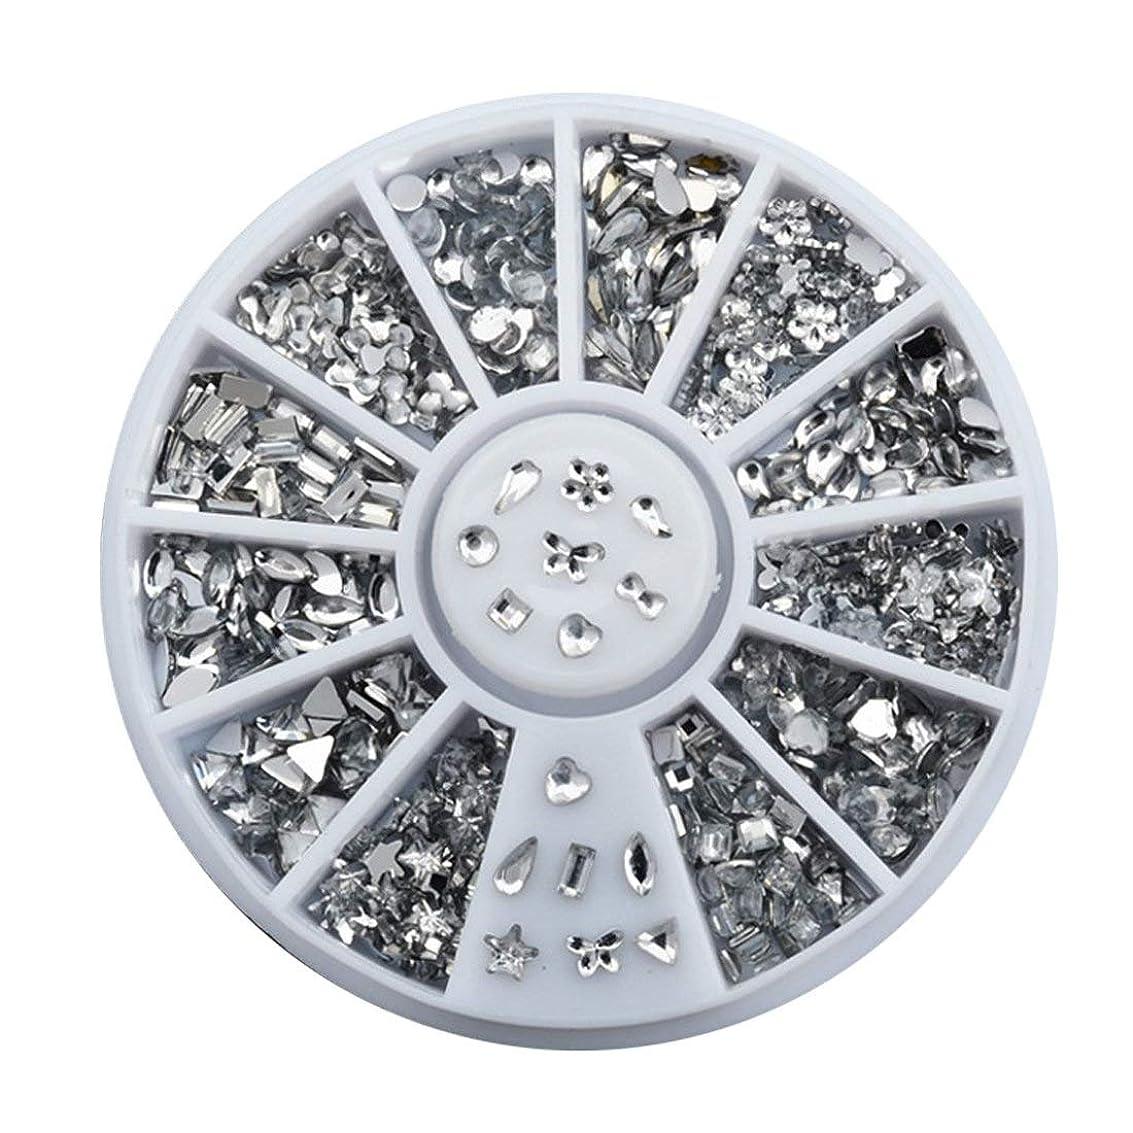 指気体の販売員HAPPY HOME ネイルアートの装飾のヒント12デザイン光沢のあるabアクリル弓水滴diyグリッターホイールツール